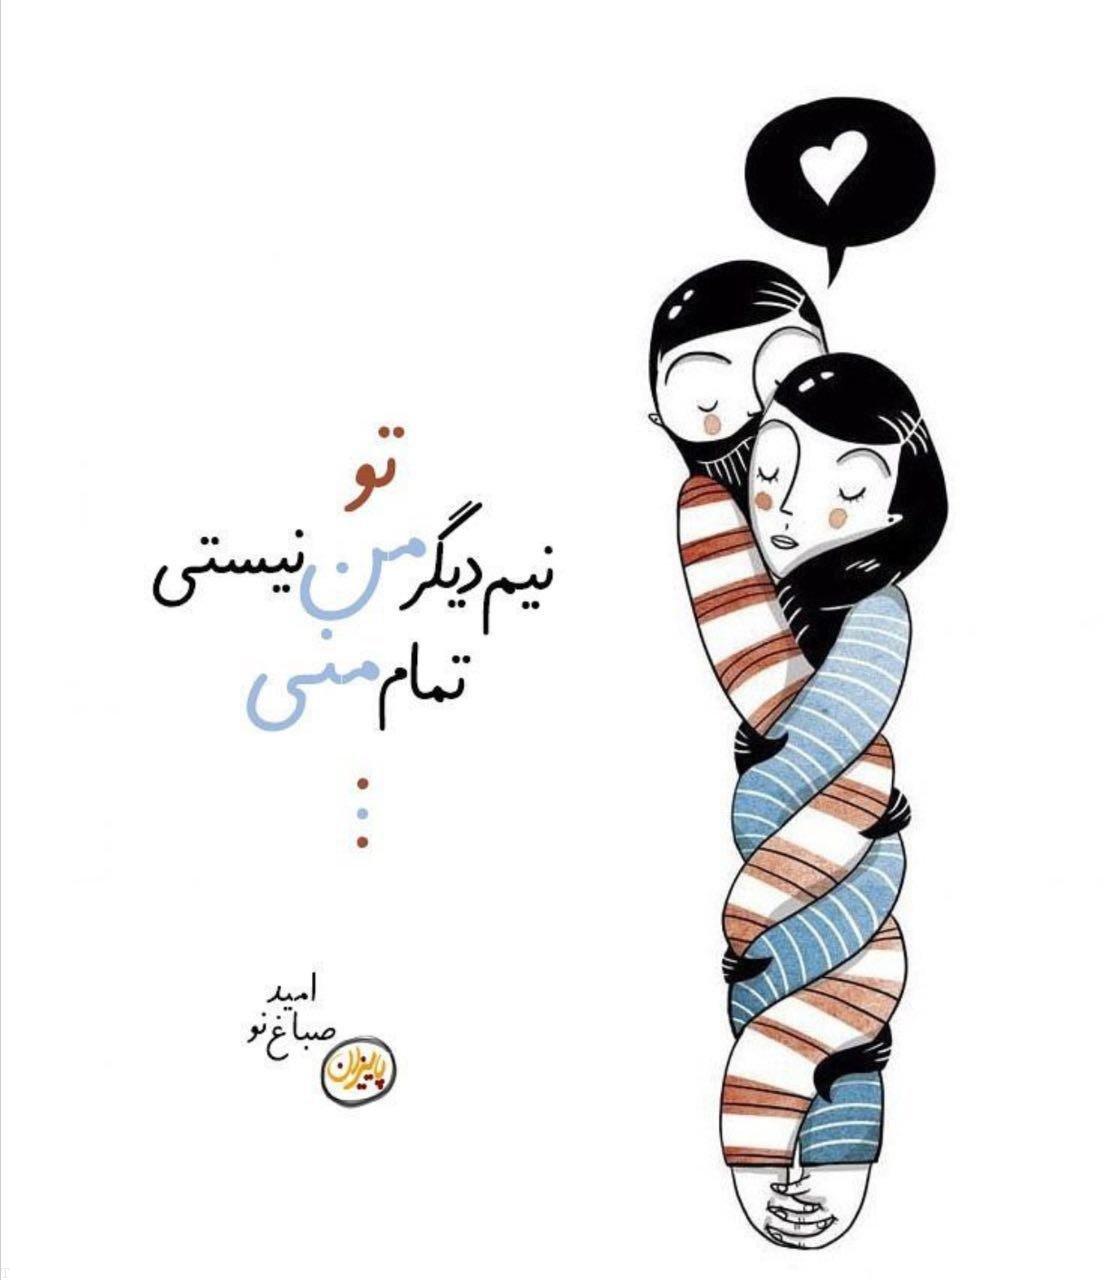 عکس نوشته های زیبا و عاشقانه (غمگین و عاشقانه)